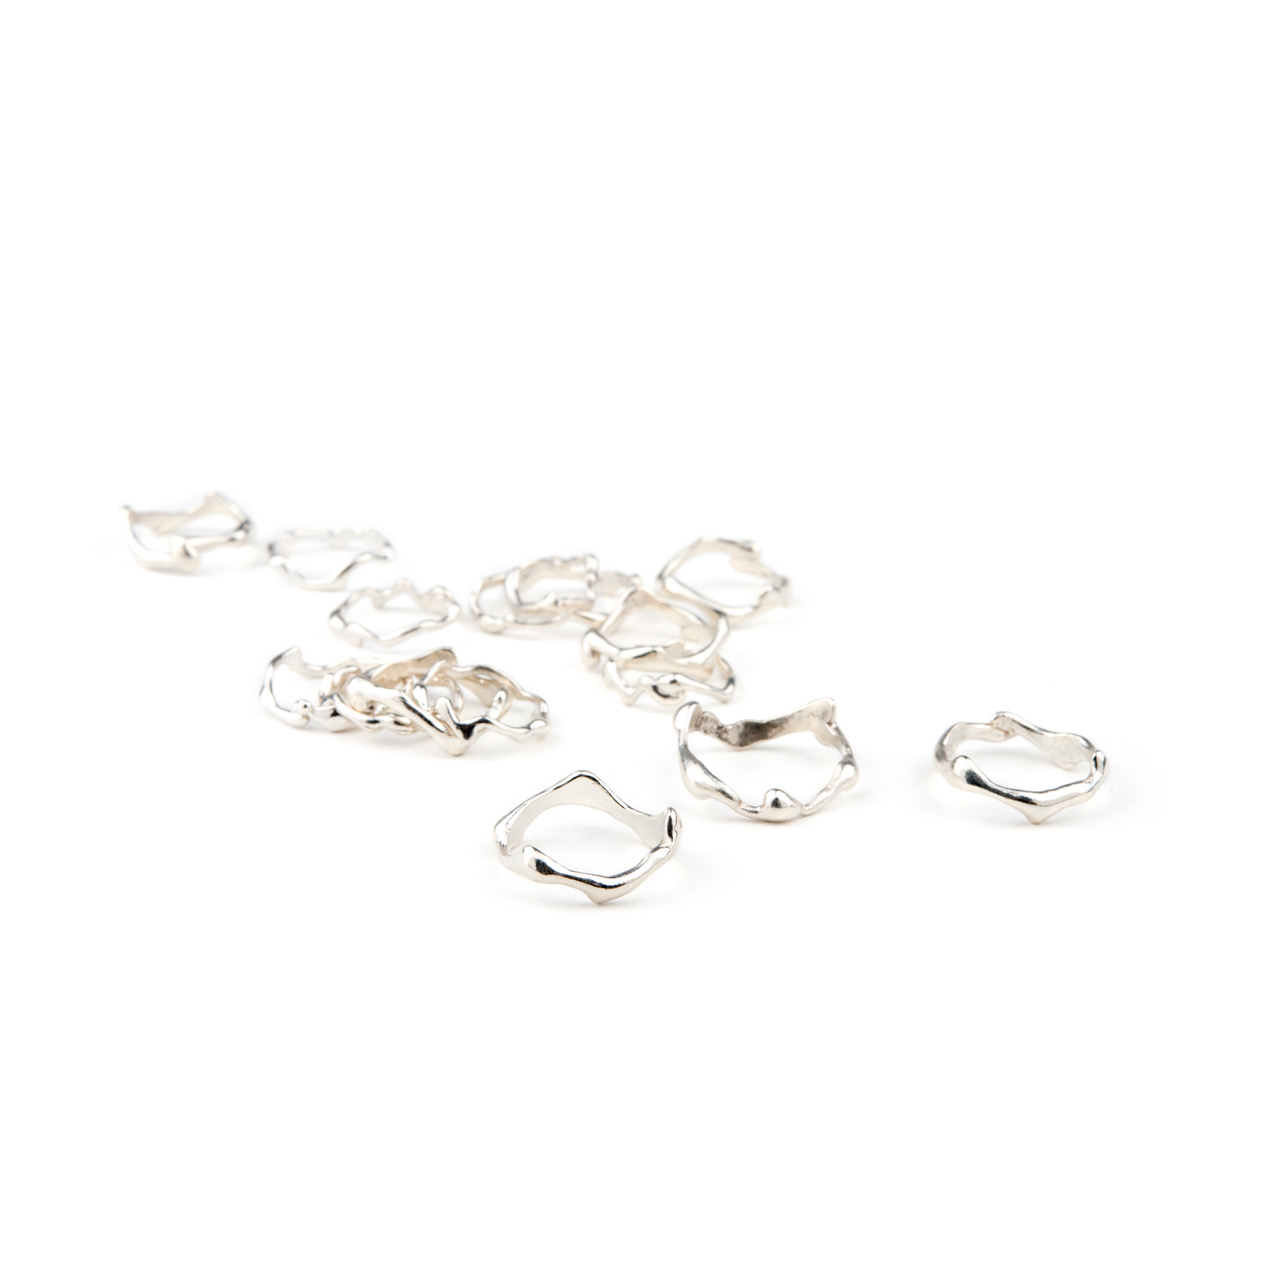 BRANCH Midi Rings in Sterling Silver